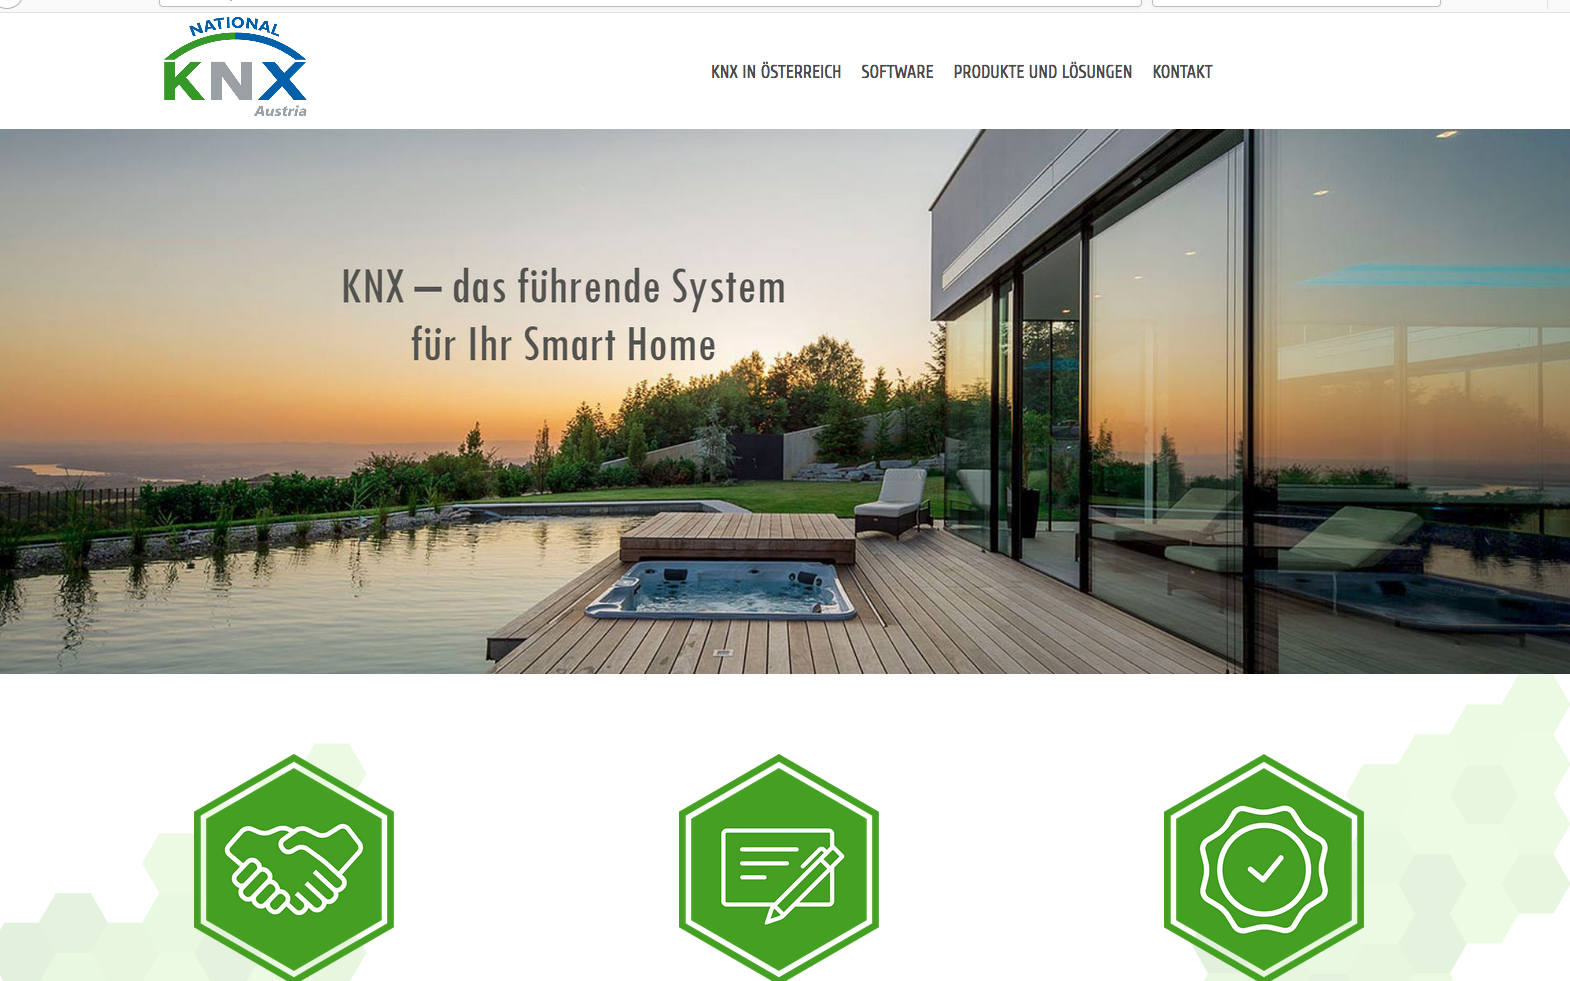 knx austria mit neuem webseitenauftritt i magazin. Black Bedroom Furniture Sets. Home Design Ideas